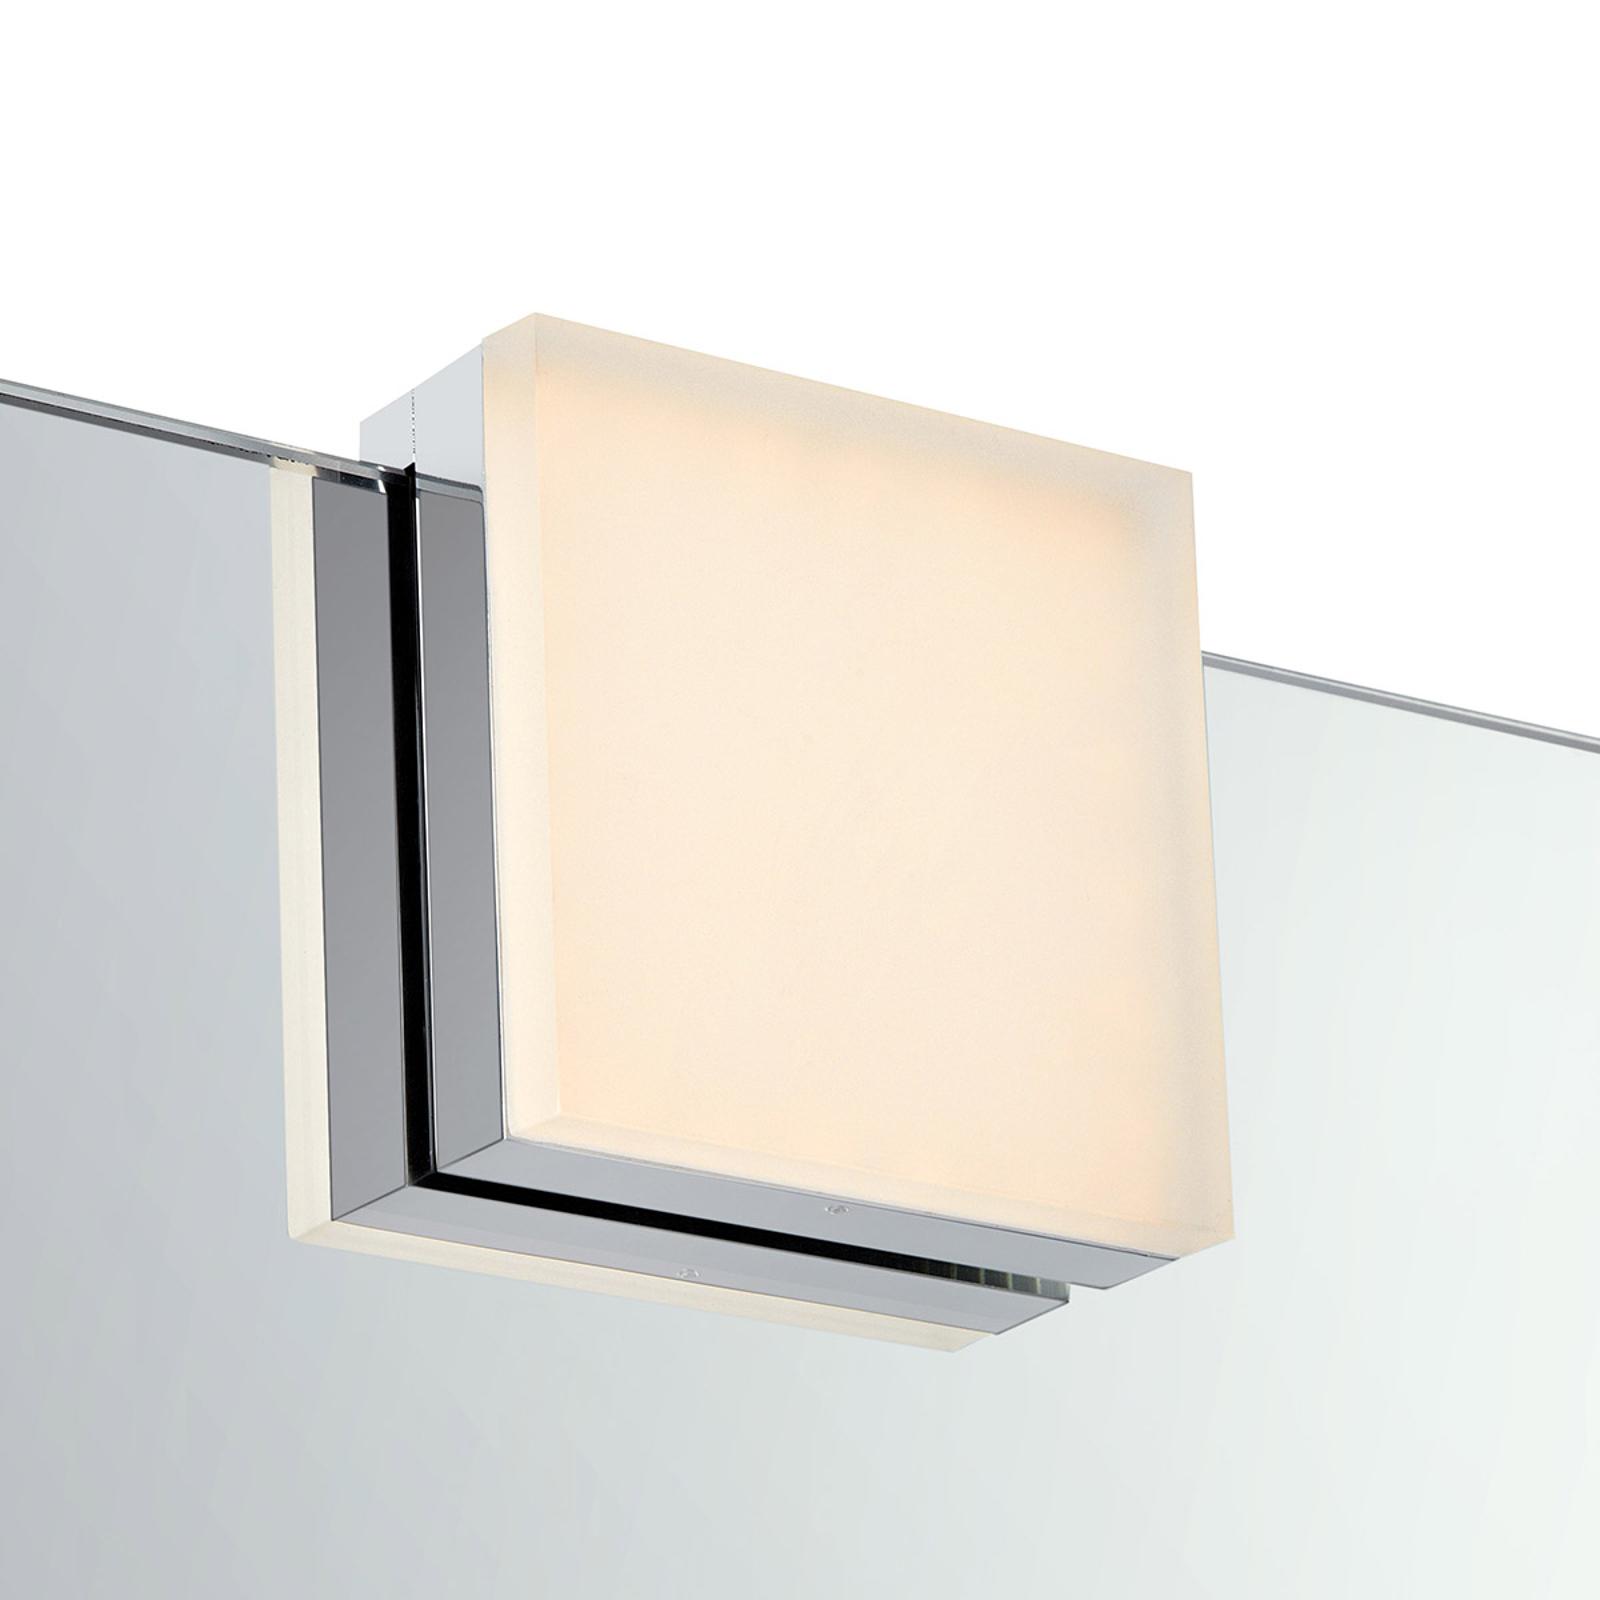 LED wandlamp Avignon voor de badkamer